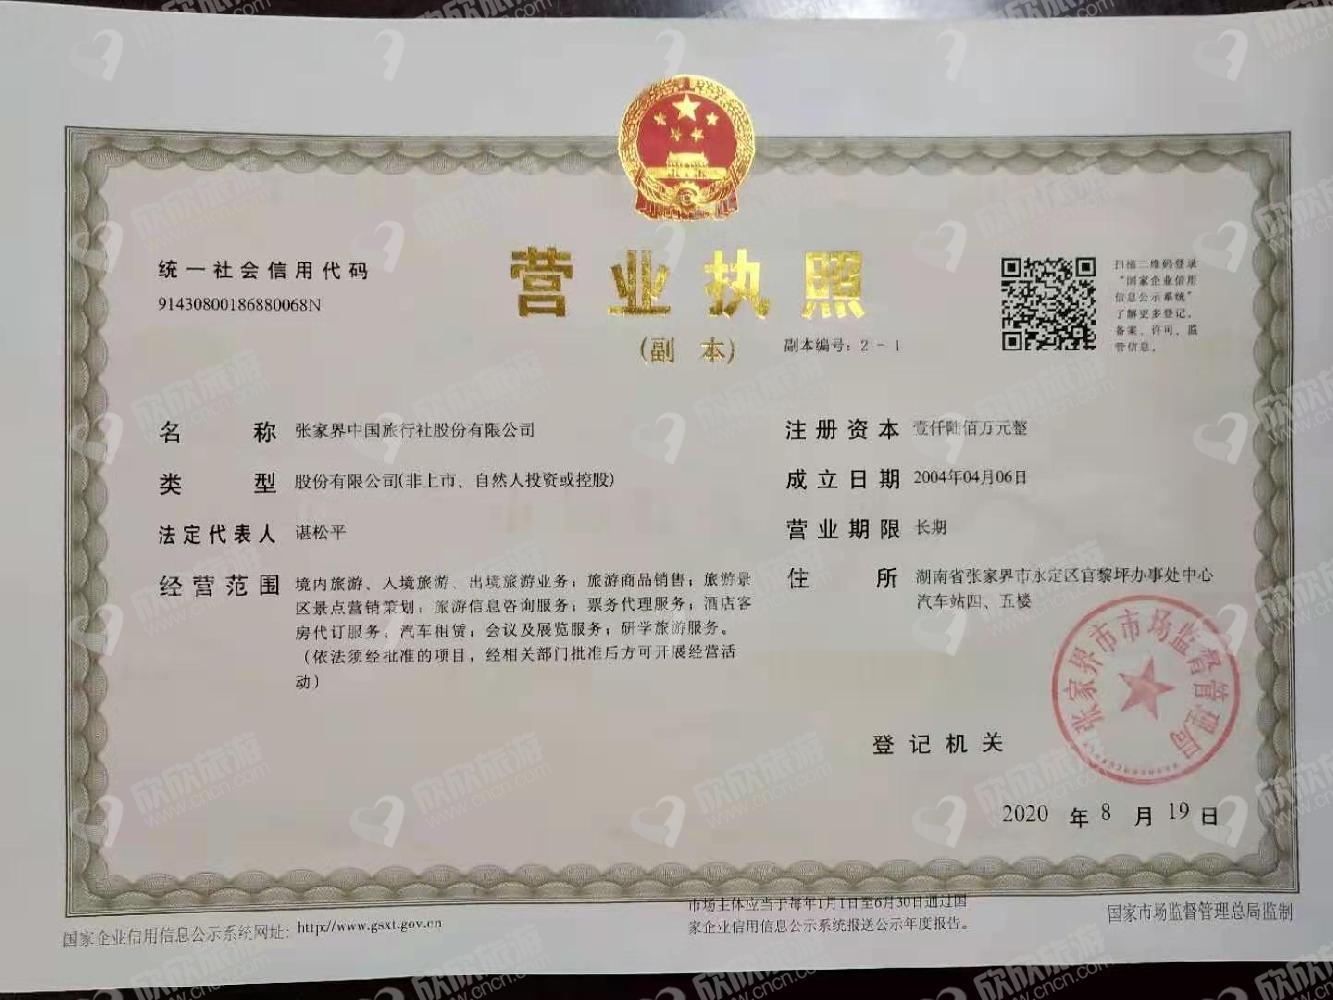 张家界中国旅行社股份有限公司营业执照